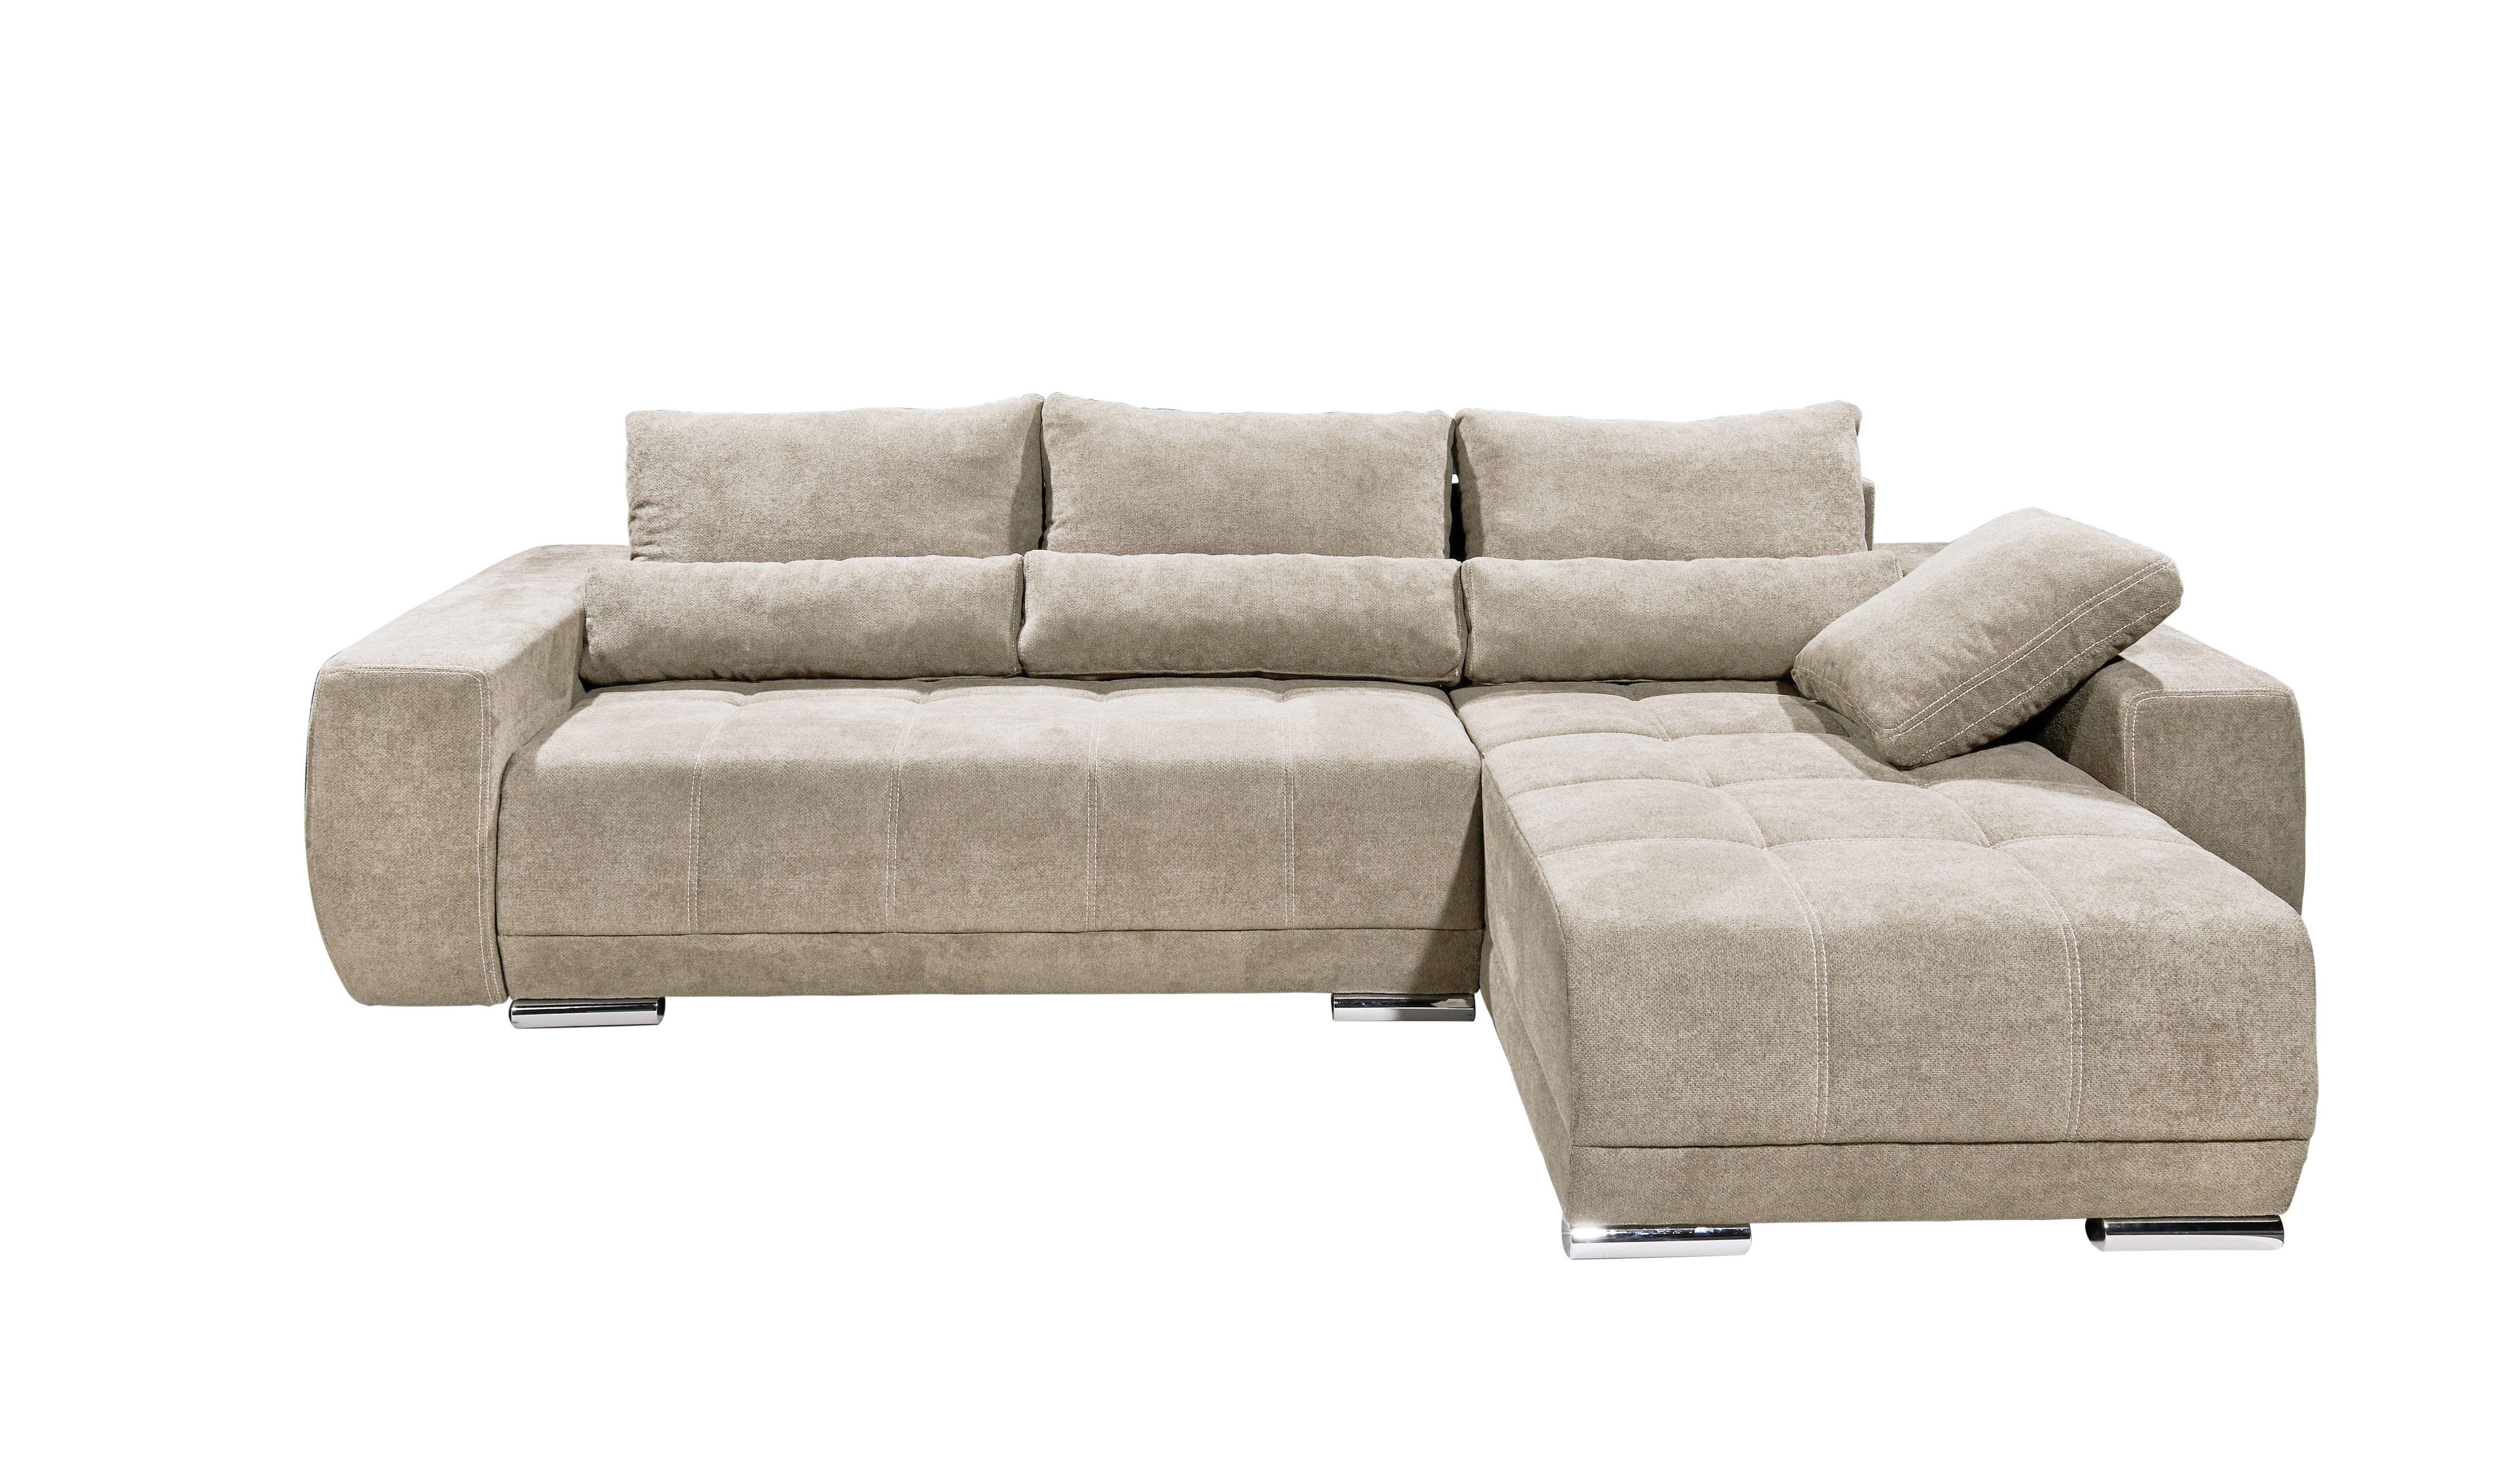 Details Zu Eckcouch Lopez Couch Schlafsofa Funktionssofa Ausziehbar Beige 305 Cm